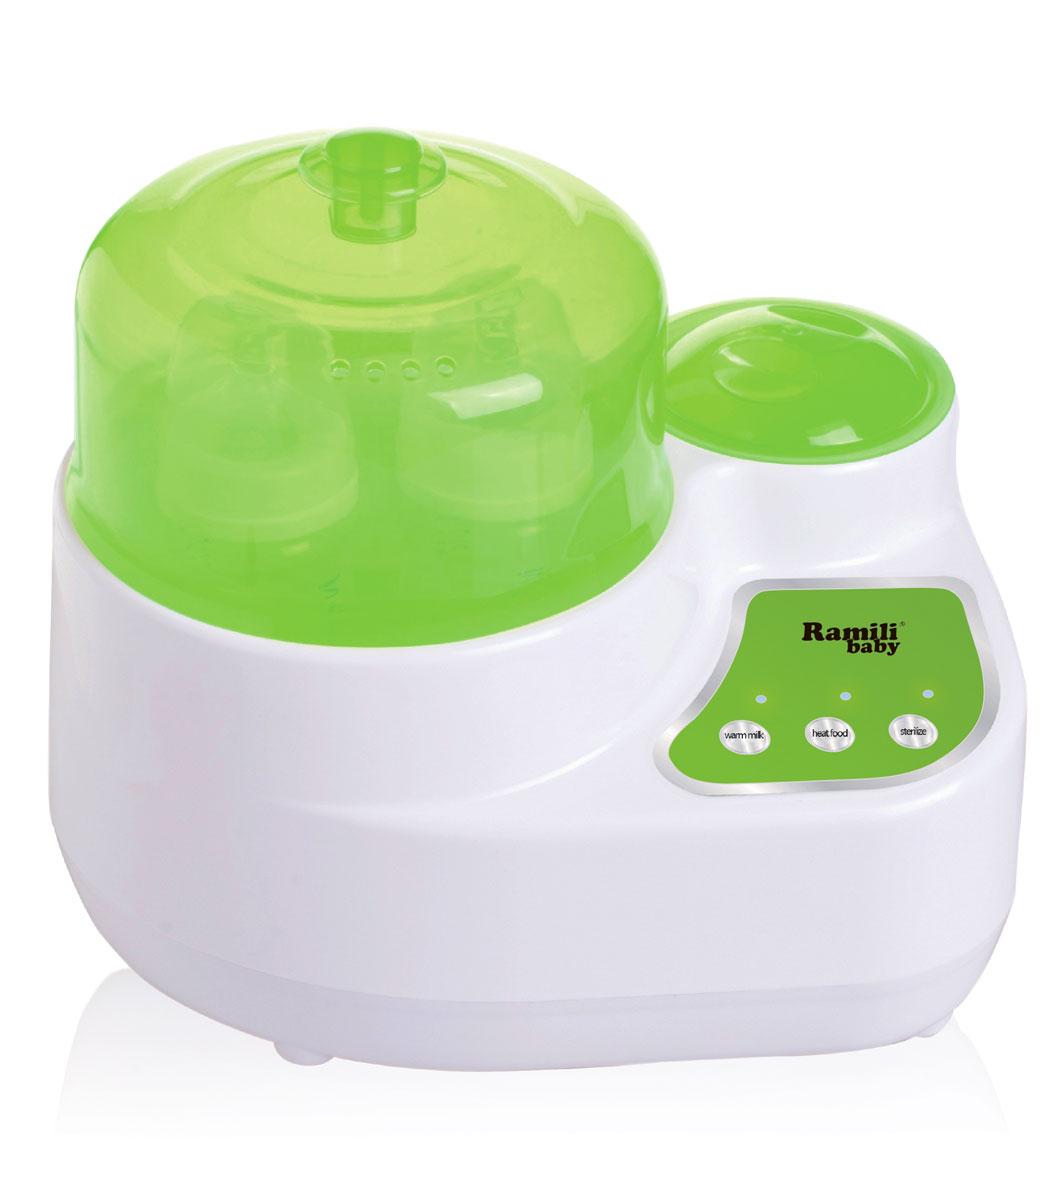 Ramili Стерилизатор-подогреватель бутылочек и детского питания BSS250 3 в 1 универсальный электрический стерилизатор ramili bss250